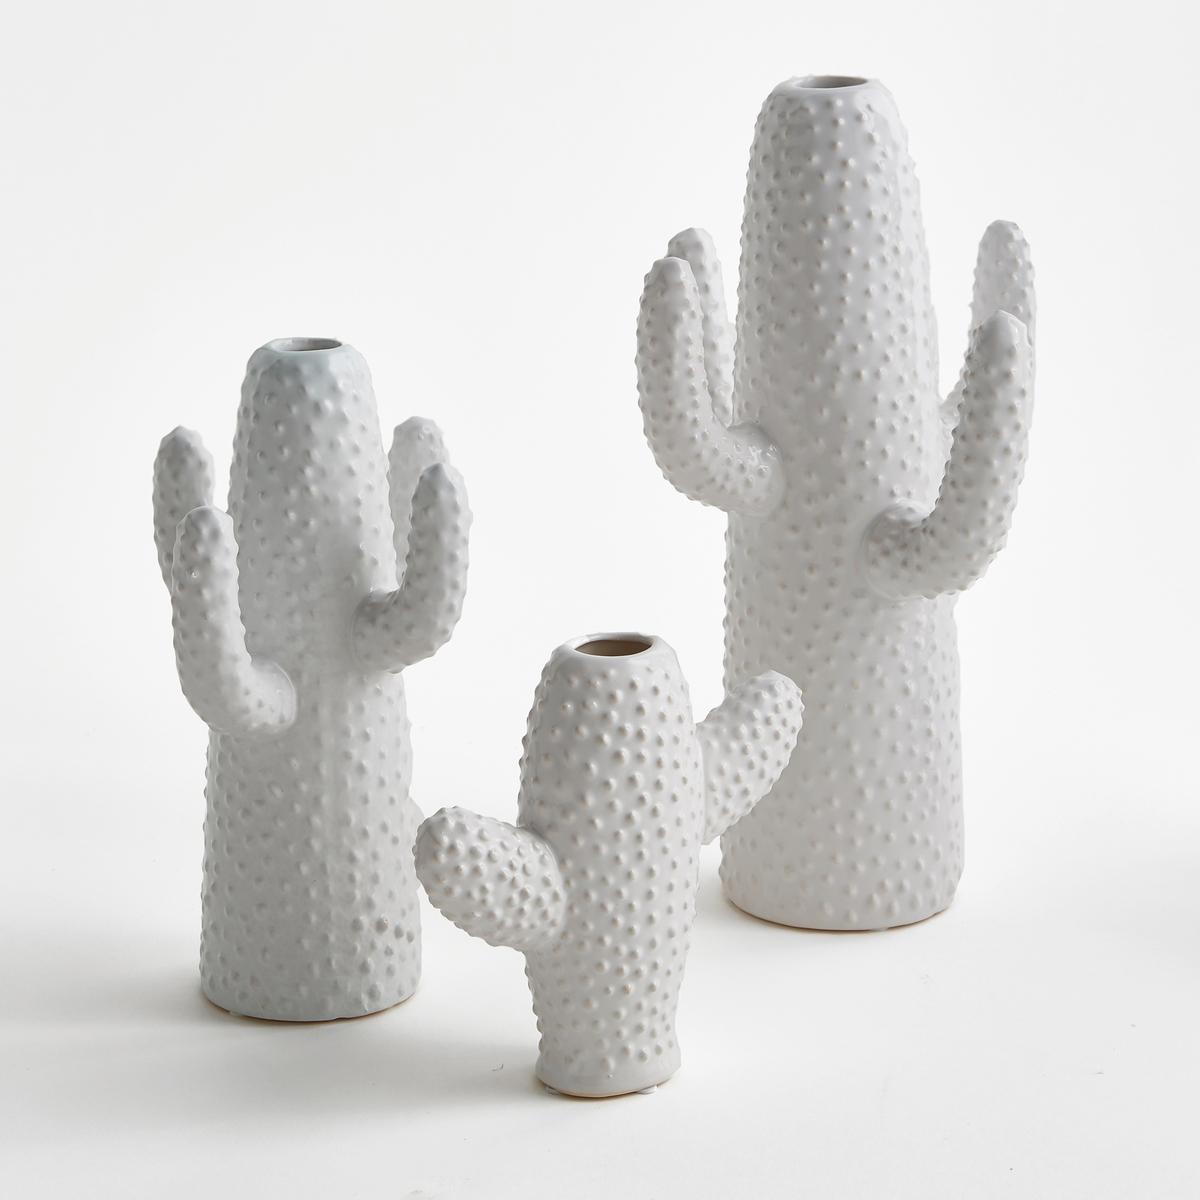 Ваза Cactus, высота 20 см, дизайн М. Михельссен для SeraxВаза Cactus. Ваза для одного цветка из керамики, красиво смотрится с цветком и как отдельный предмет декора. Мари Михельссен - дизайнер. Она черпает вдохновение в повседневной жизни и в различных элементах, которые стимулируют ее дух. Для Serax она создала эту вазу Cactus. На сайте представлены 3 размера белого и зеленого цветов для придания пикантности Вашему декору.Характеристики : Из керамики  Размеры : - Ш.20 x В.20 x Г.7,5 см.<br><br>Цвет: белый